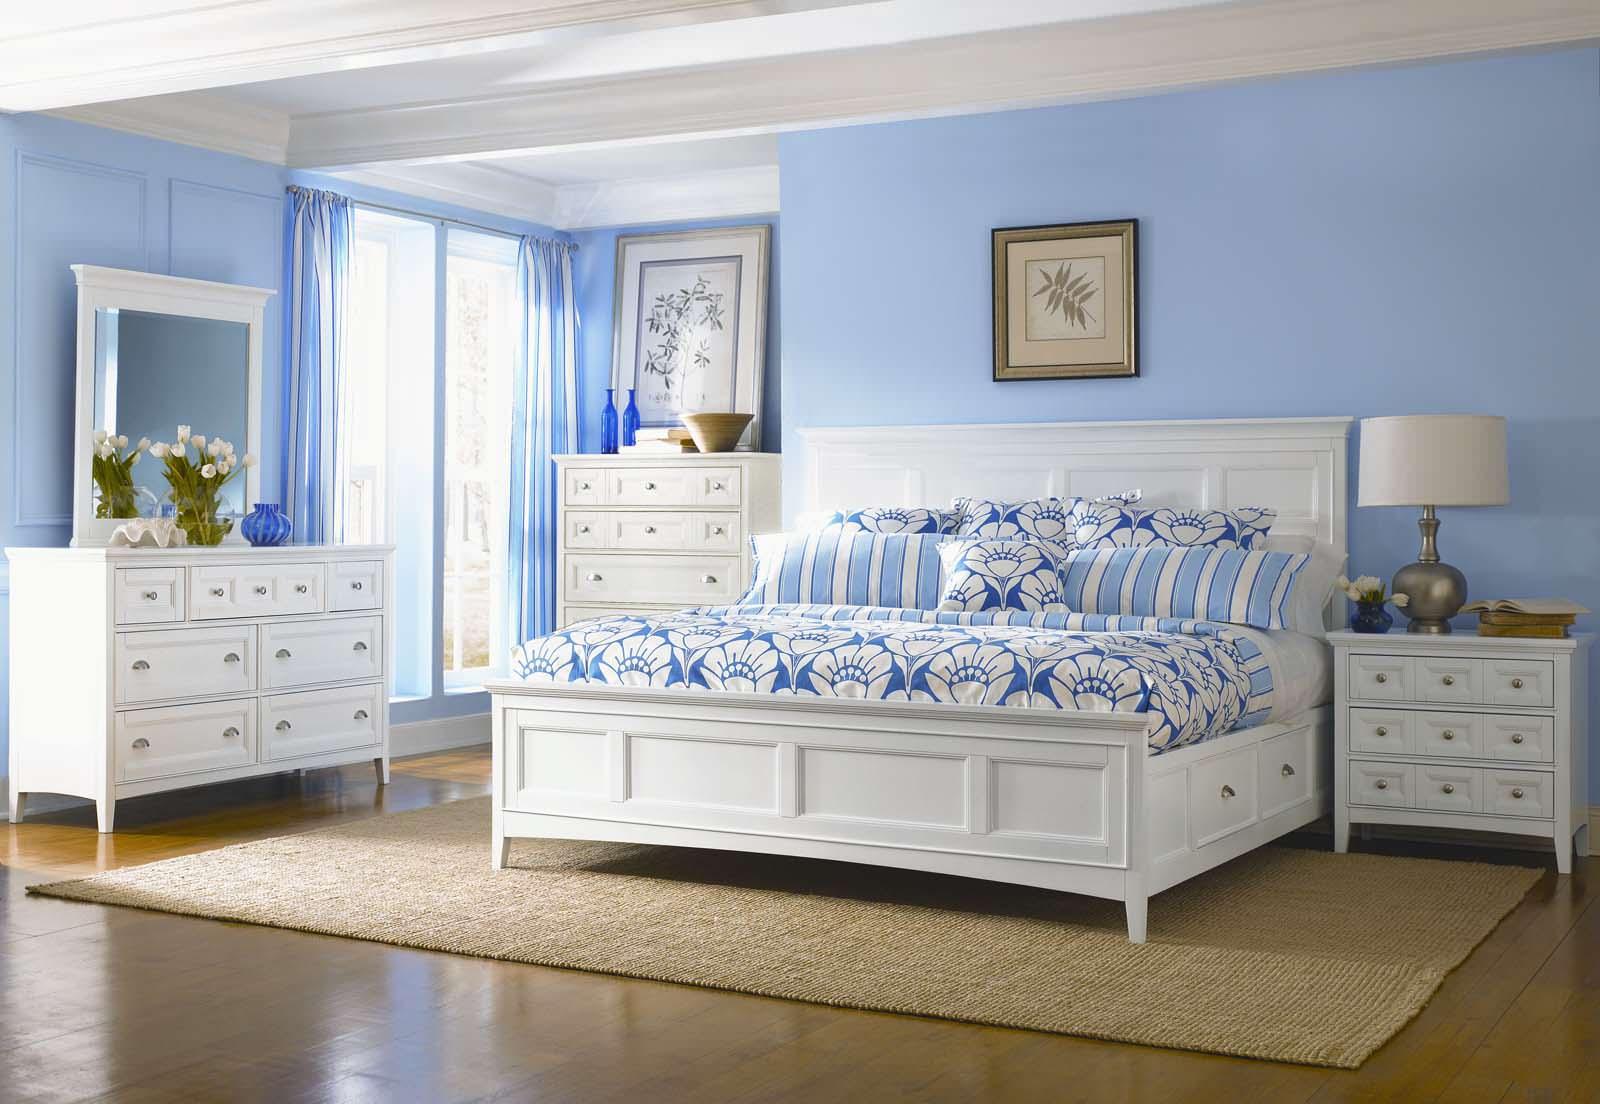 Голубой, белый и коричневый цвета в спальне